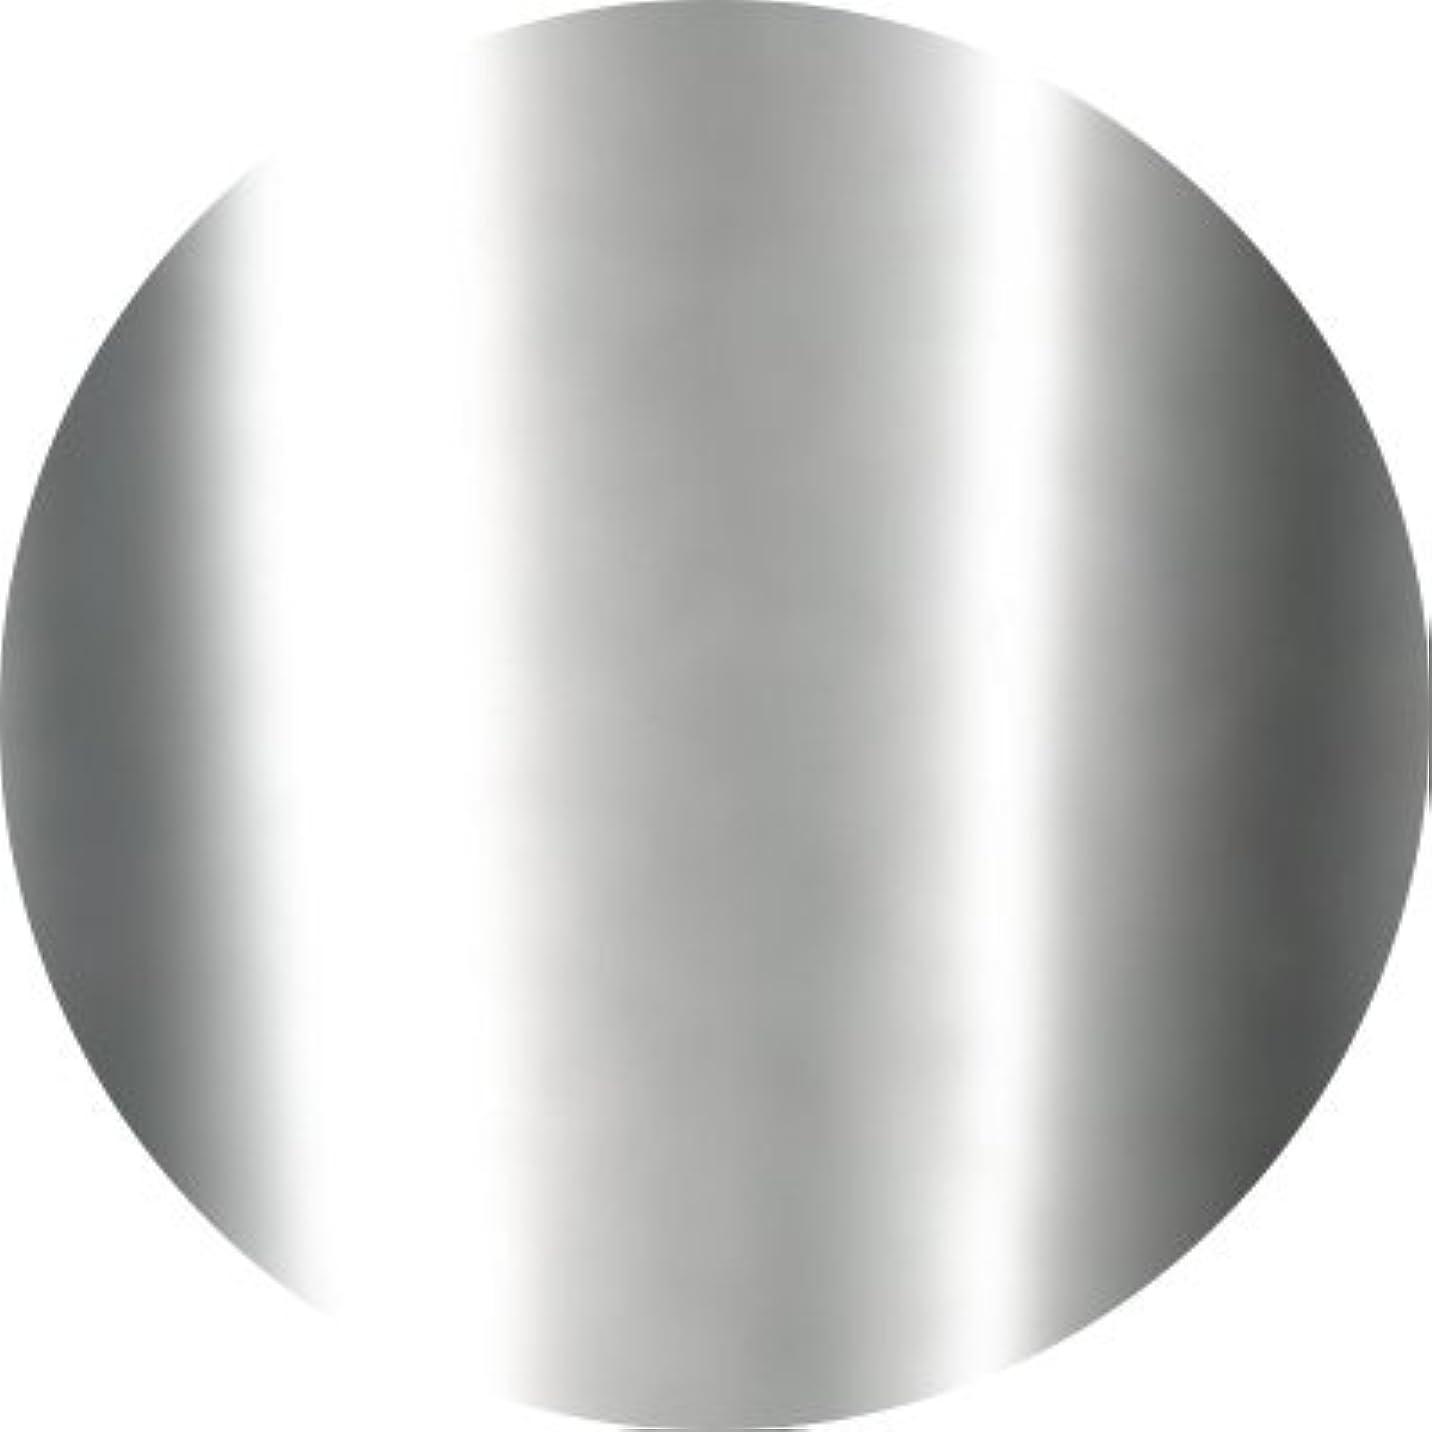 スペシャリスト名門窒息させるJewelry jel(ジュエリージェル) カラージェル 5ml<BR>ピッカピカメタリック MKシルバー